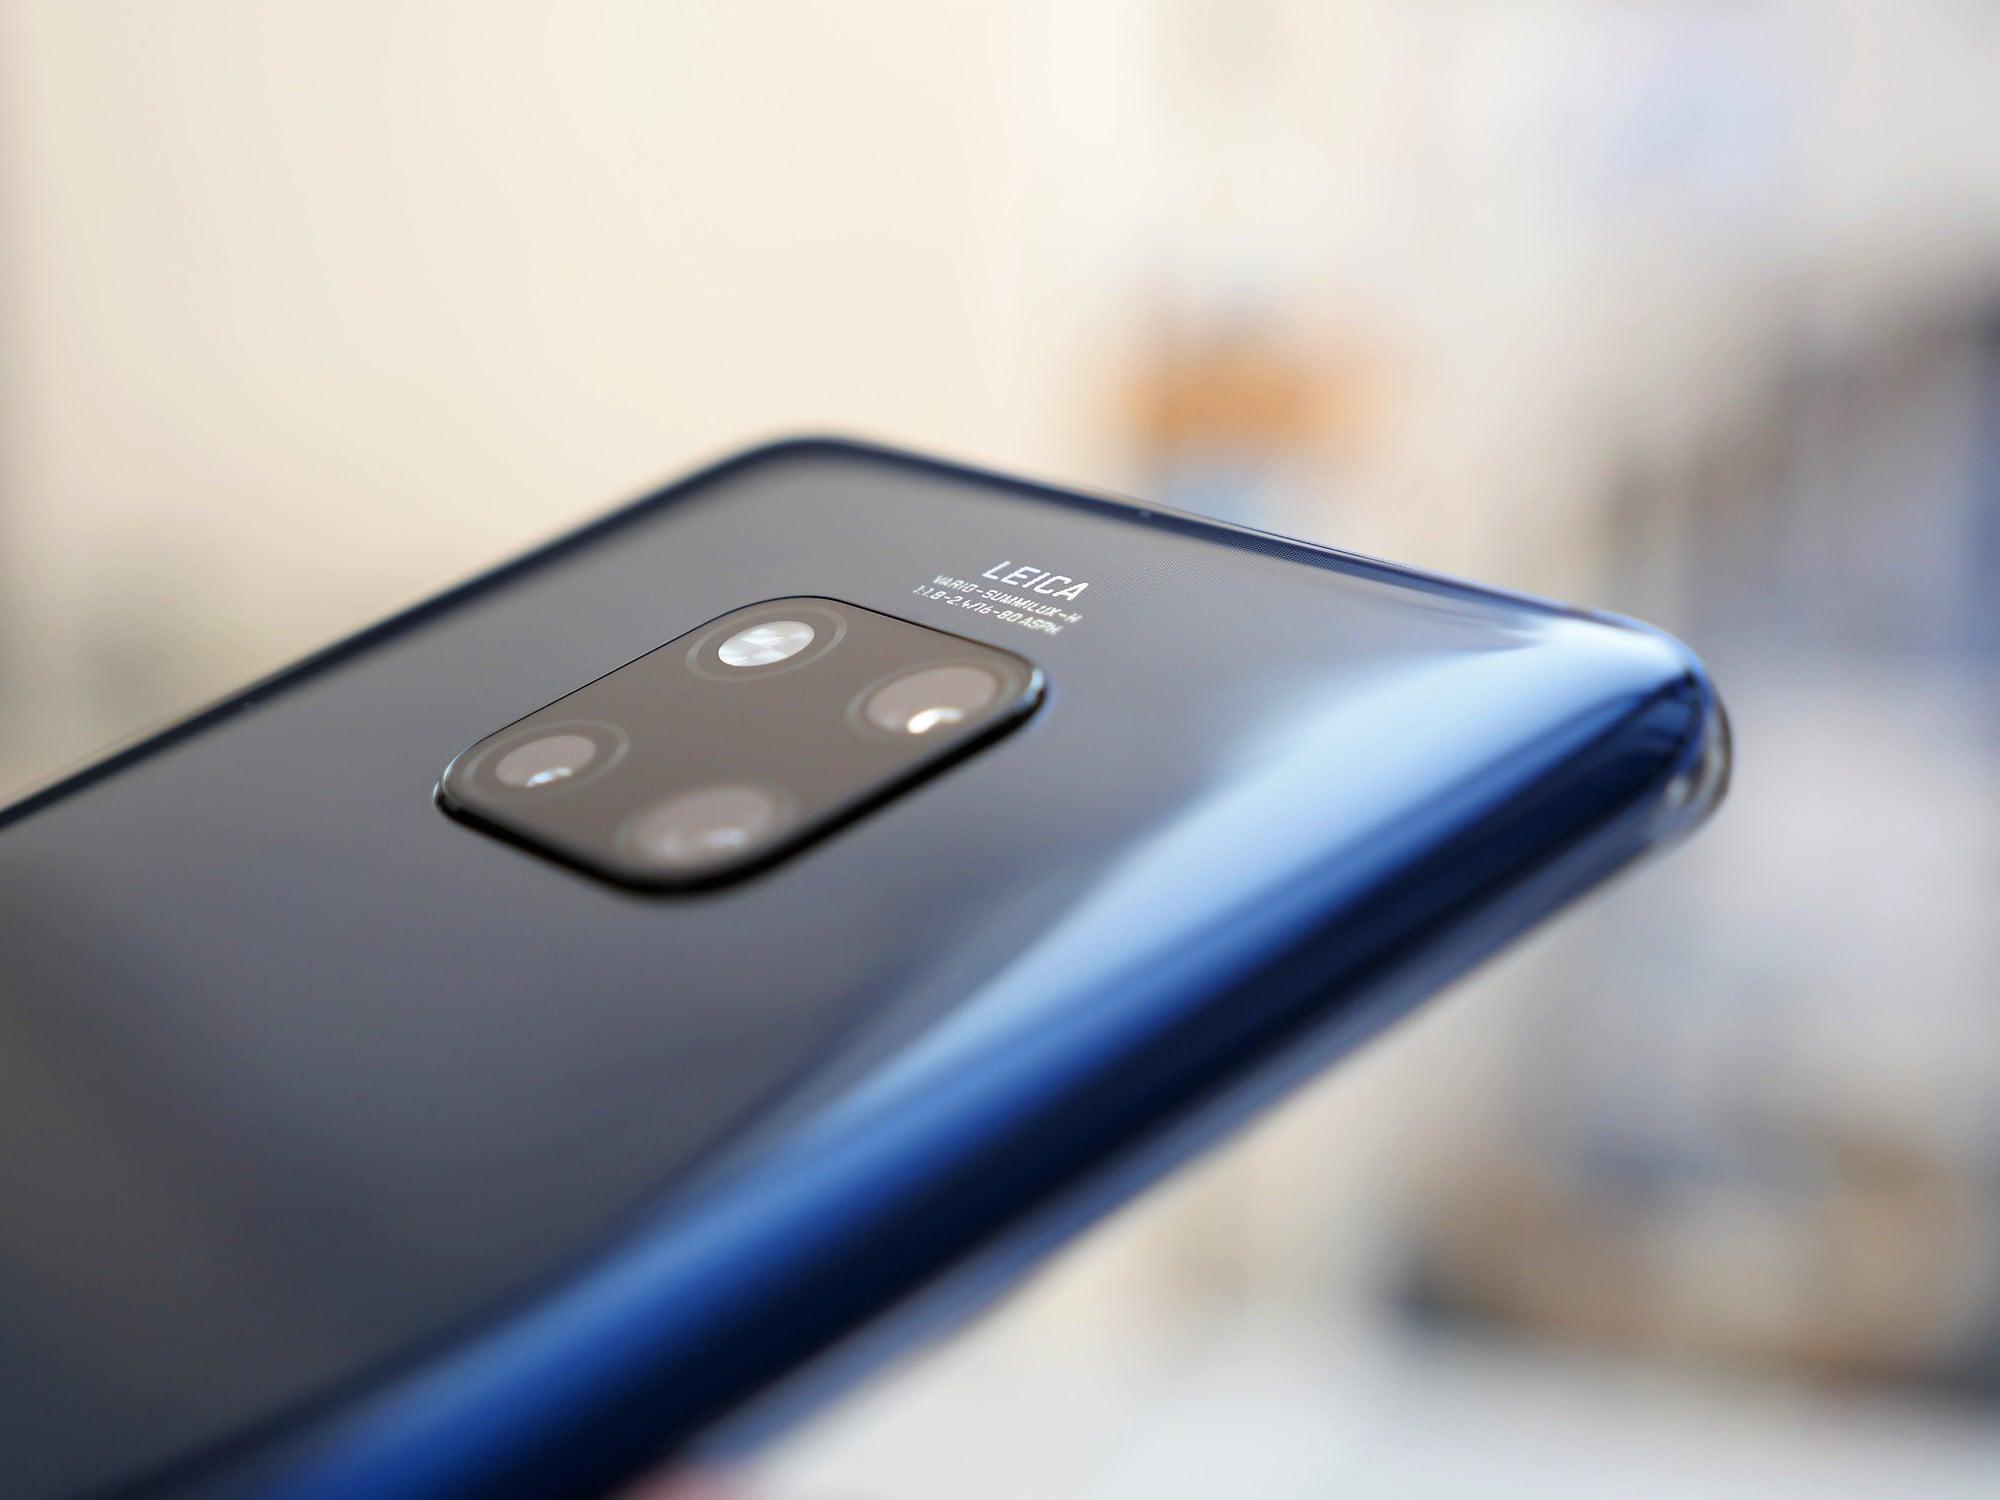 TOP 5 najciekawszych (moim zdaniem) smartfonów z wodoszczelną obudową